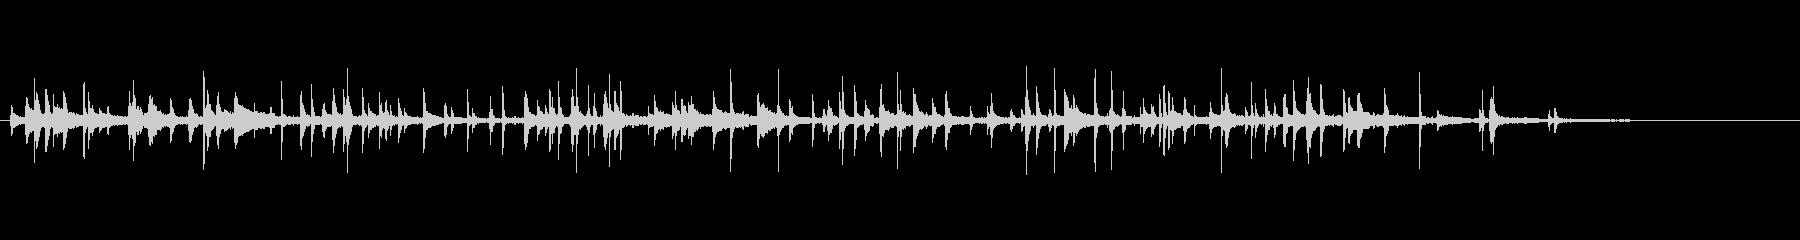 ホラー ホーンテッドストリングステ...の未再生の波形